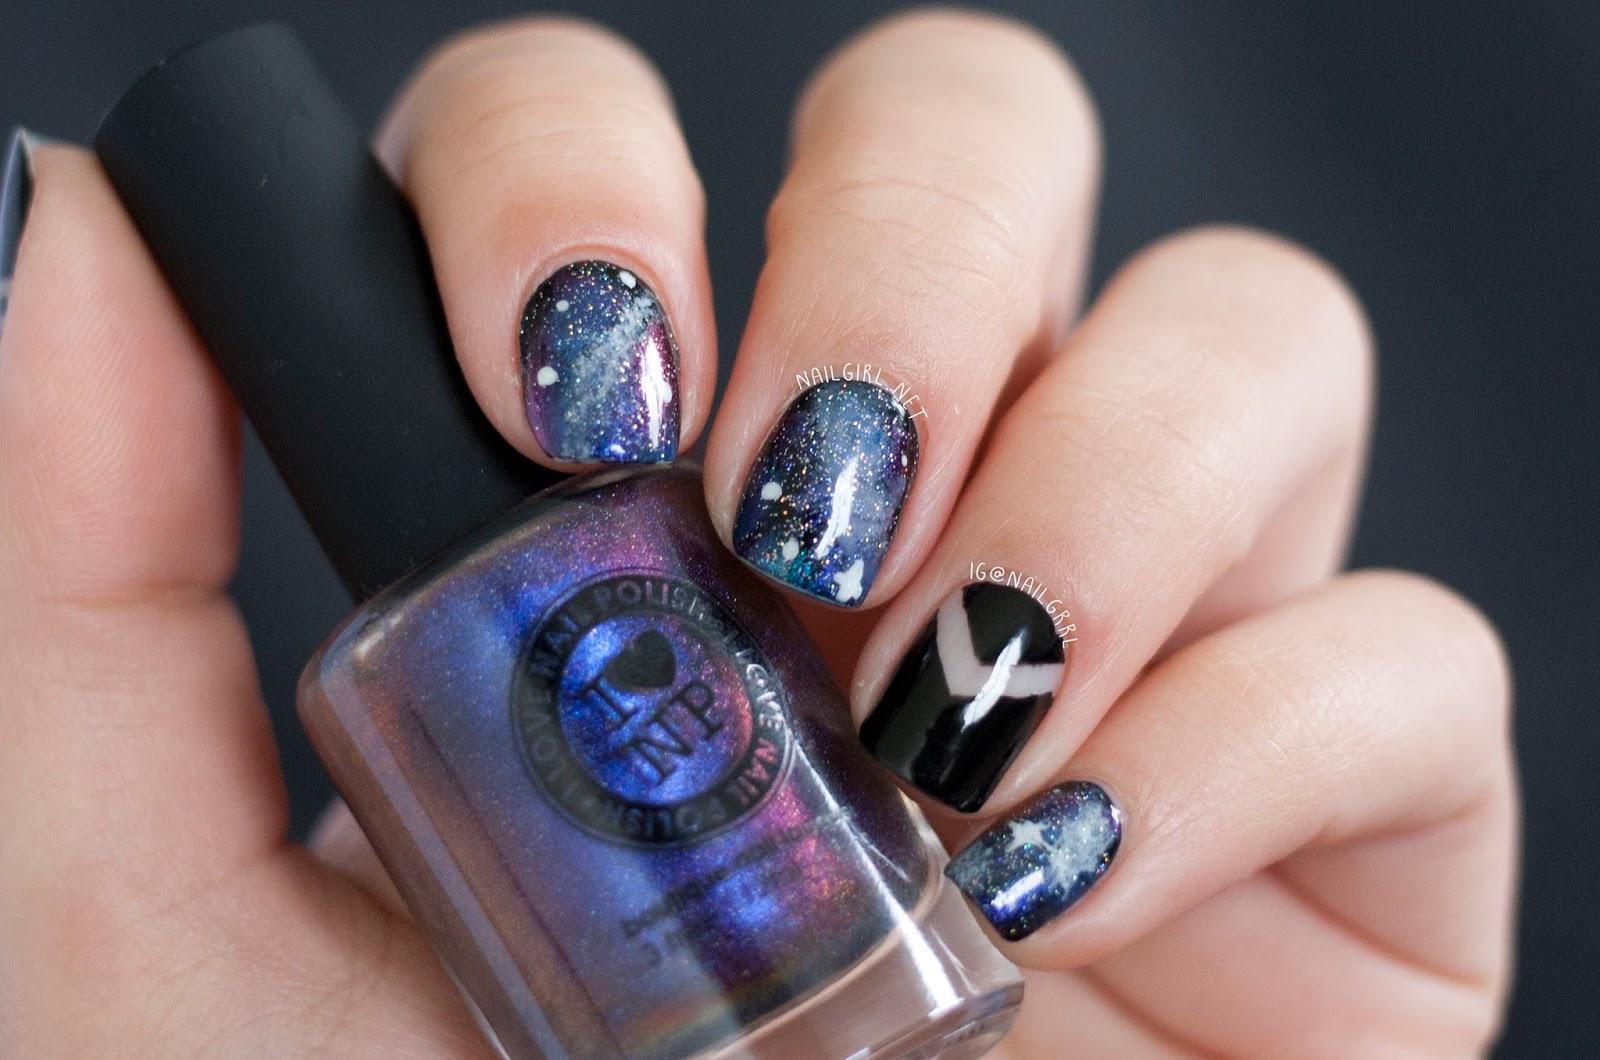 Nail Art: Galaxy Nails | Alexis Adrienne